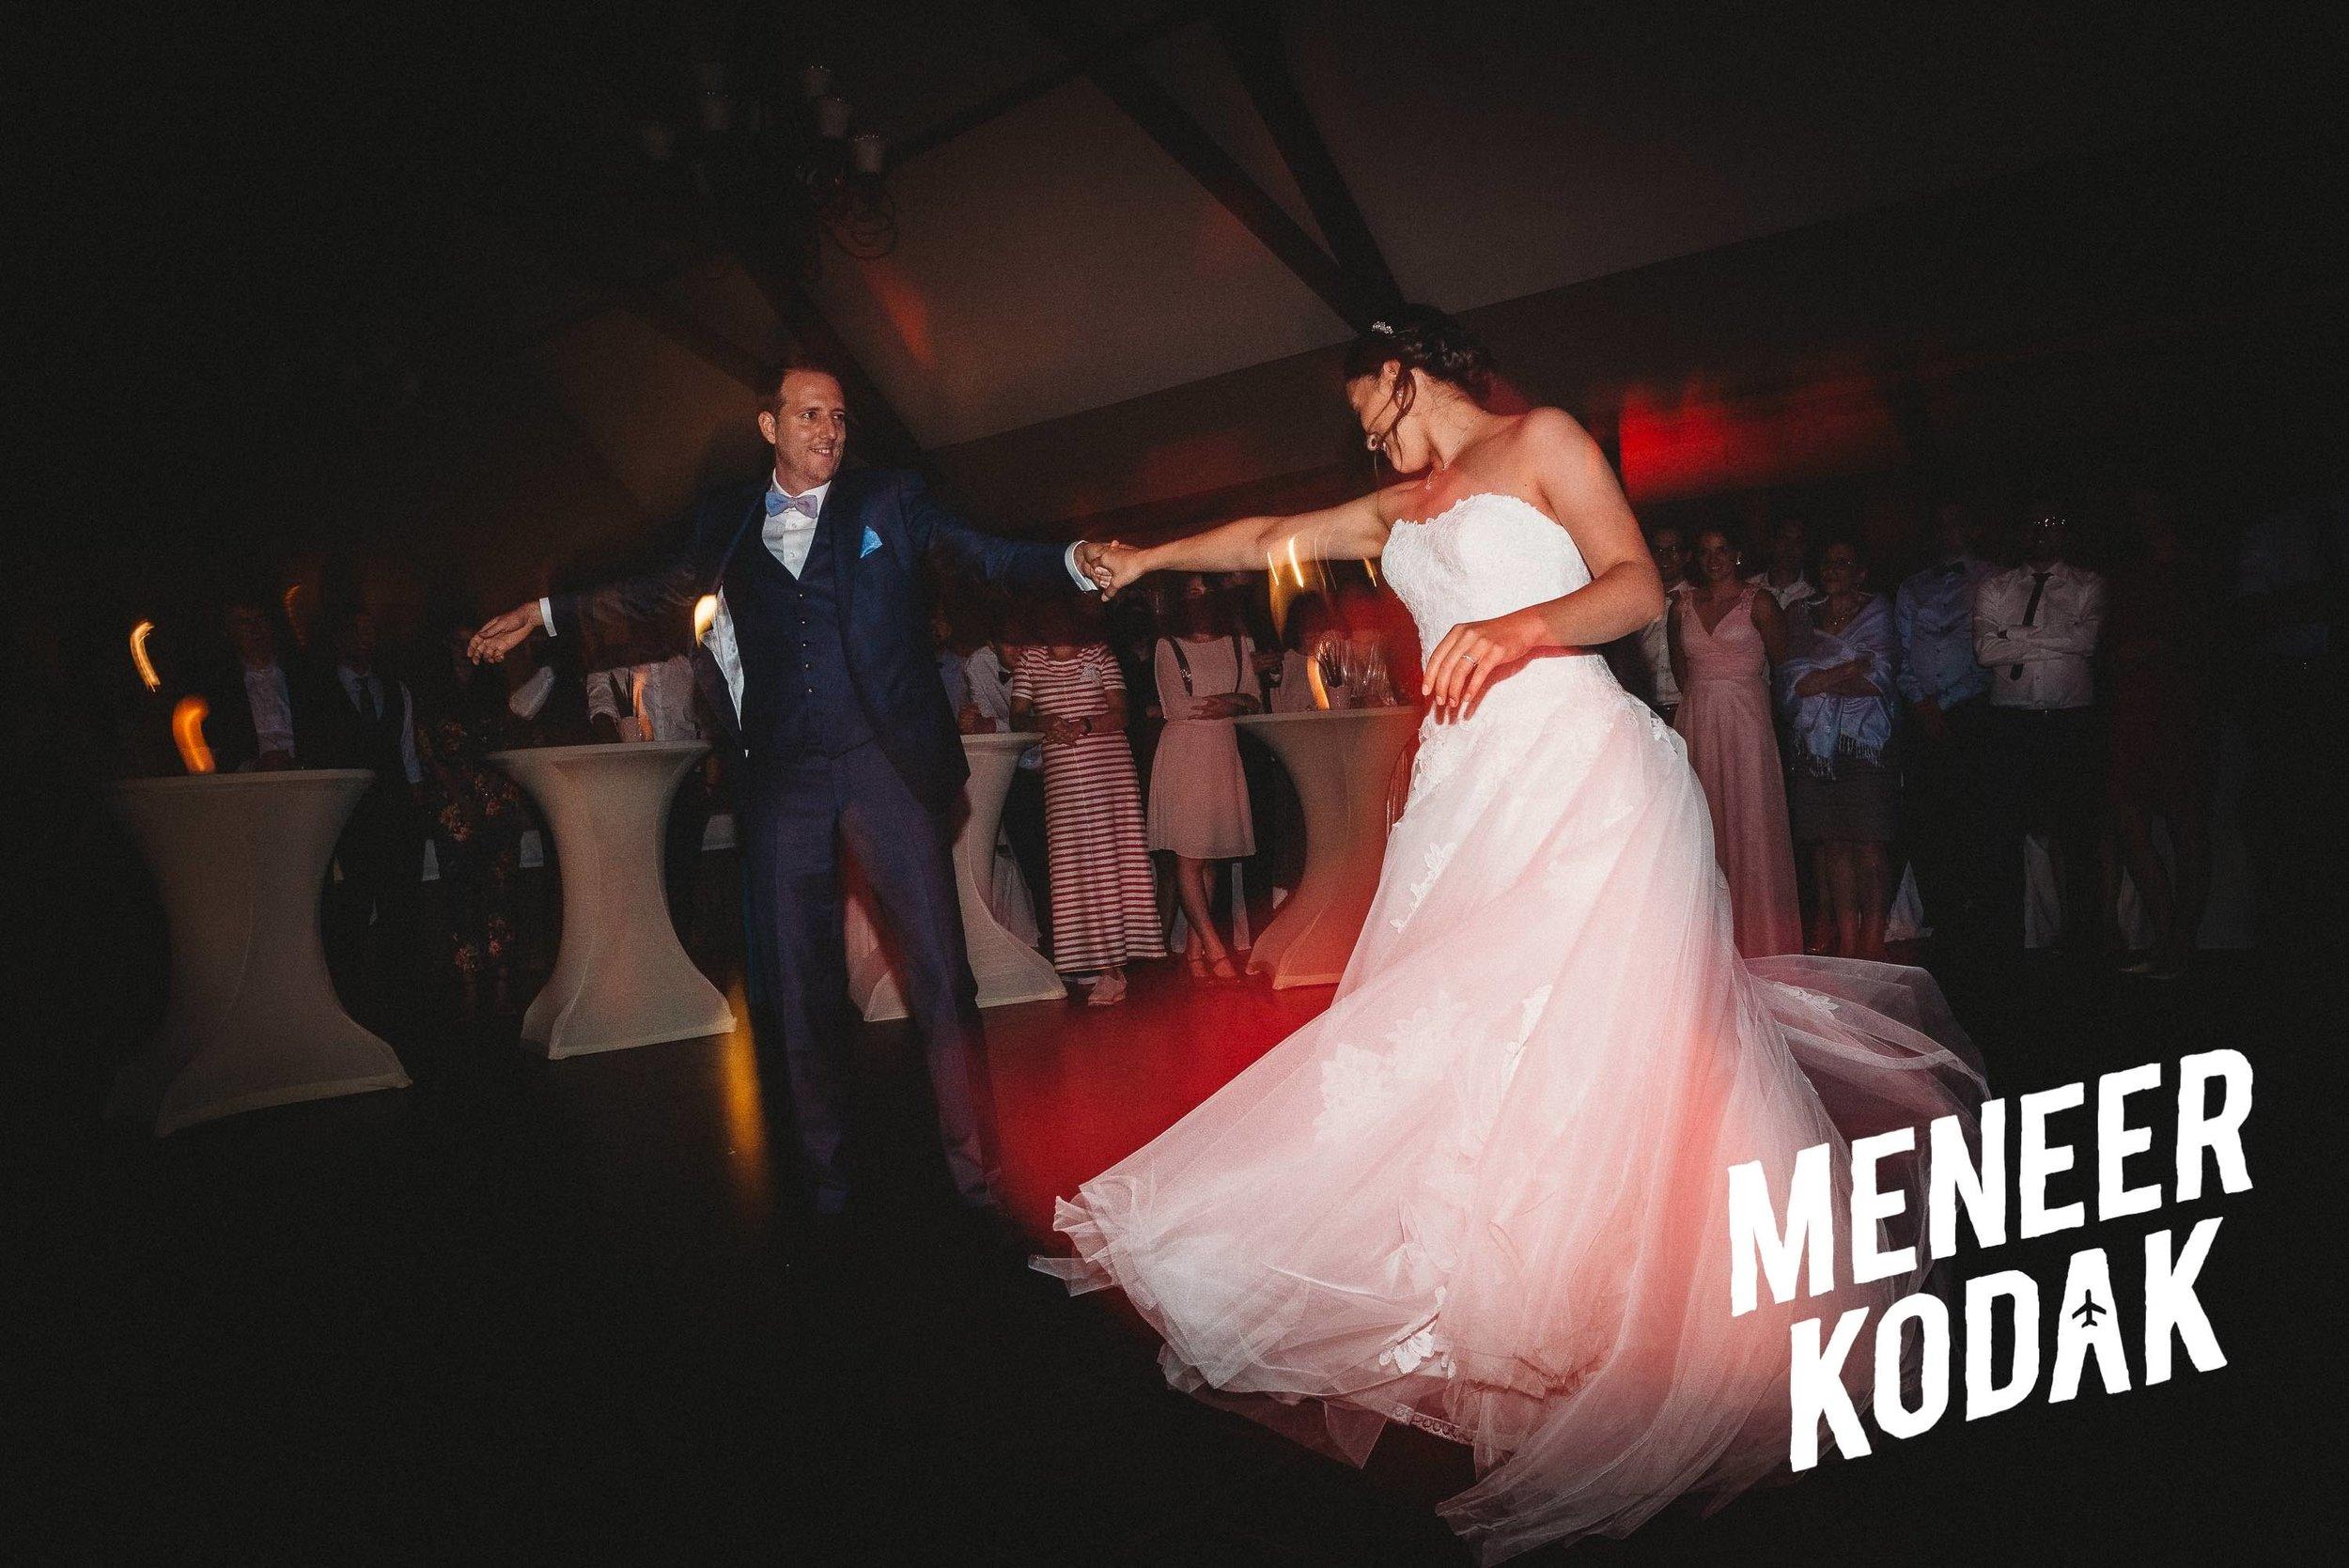 Meneer Kodak - Trouwfotograaf - Gent - D&T-069.jpg